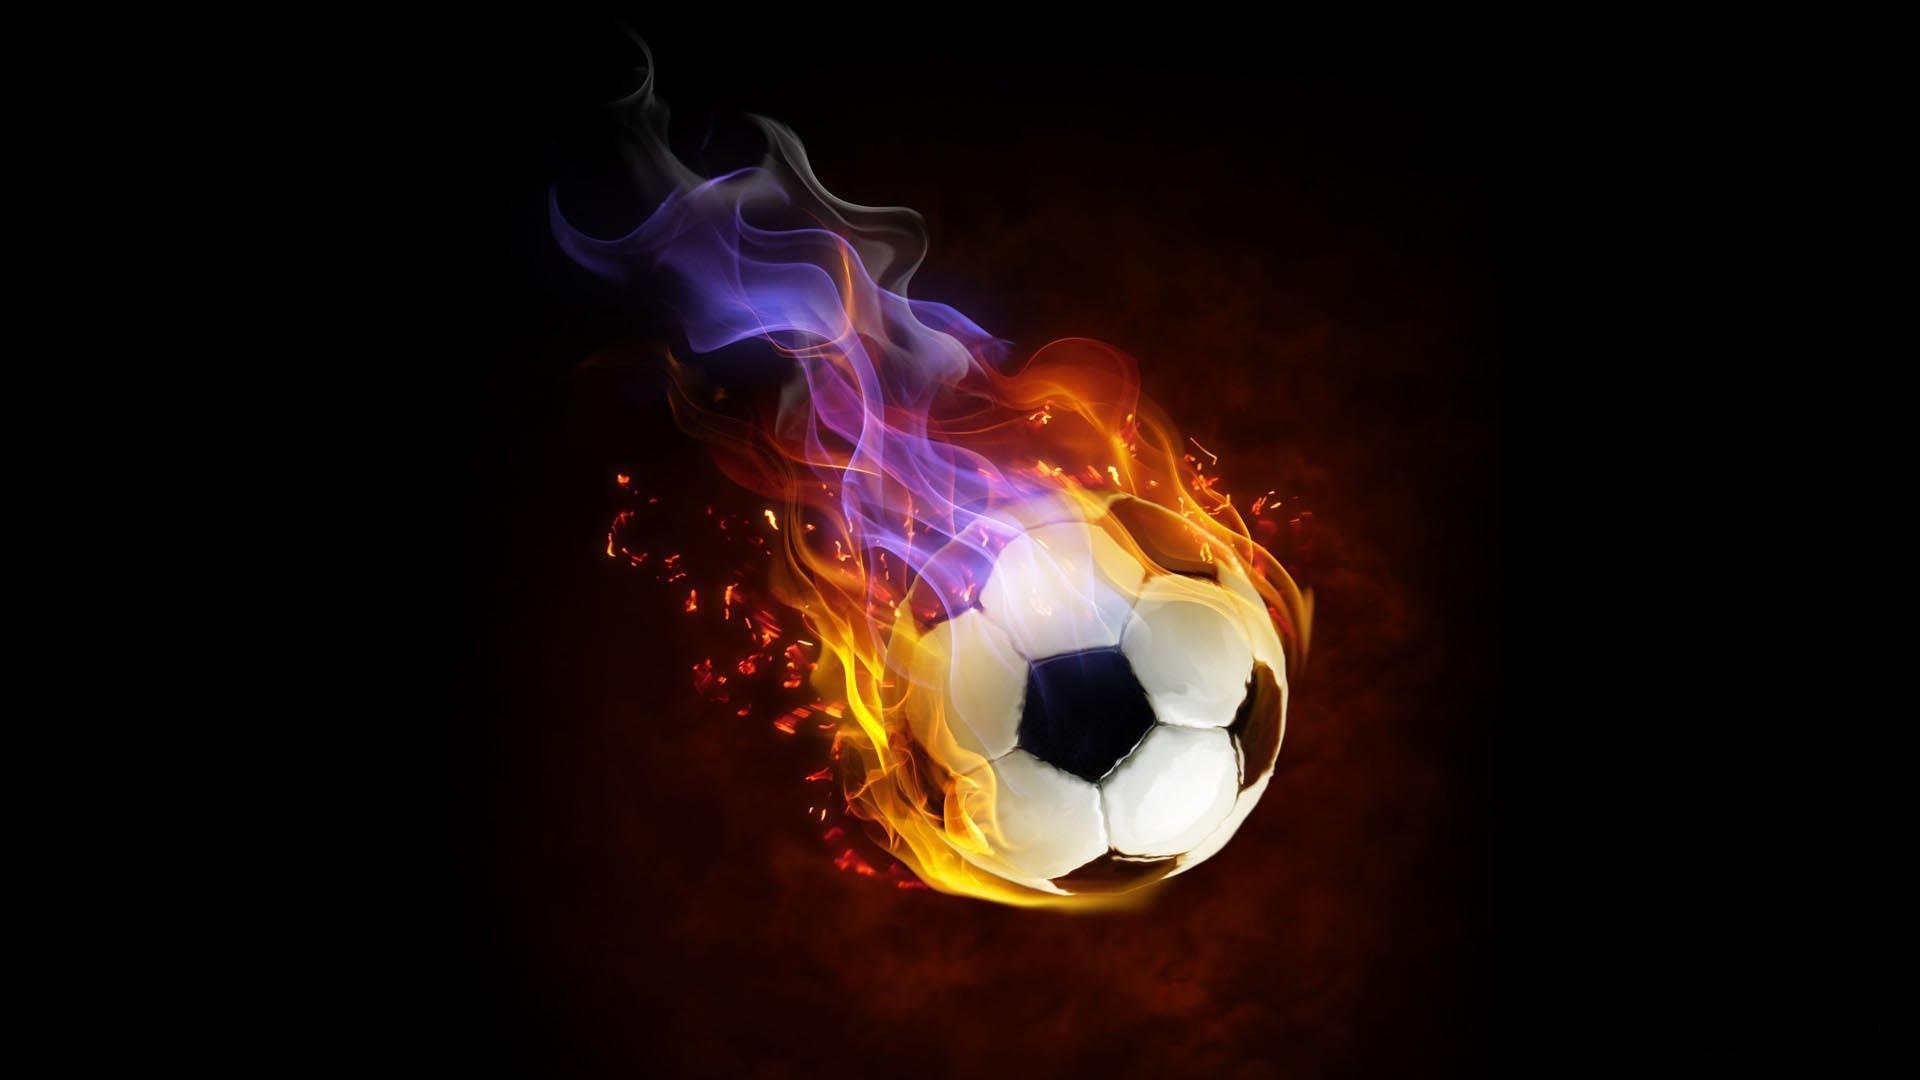 Cool Soccer Desktop Wallpapers